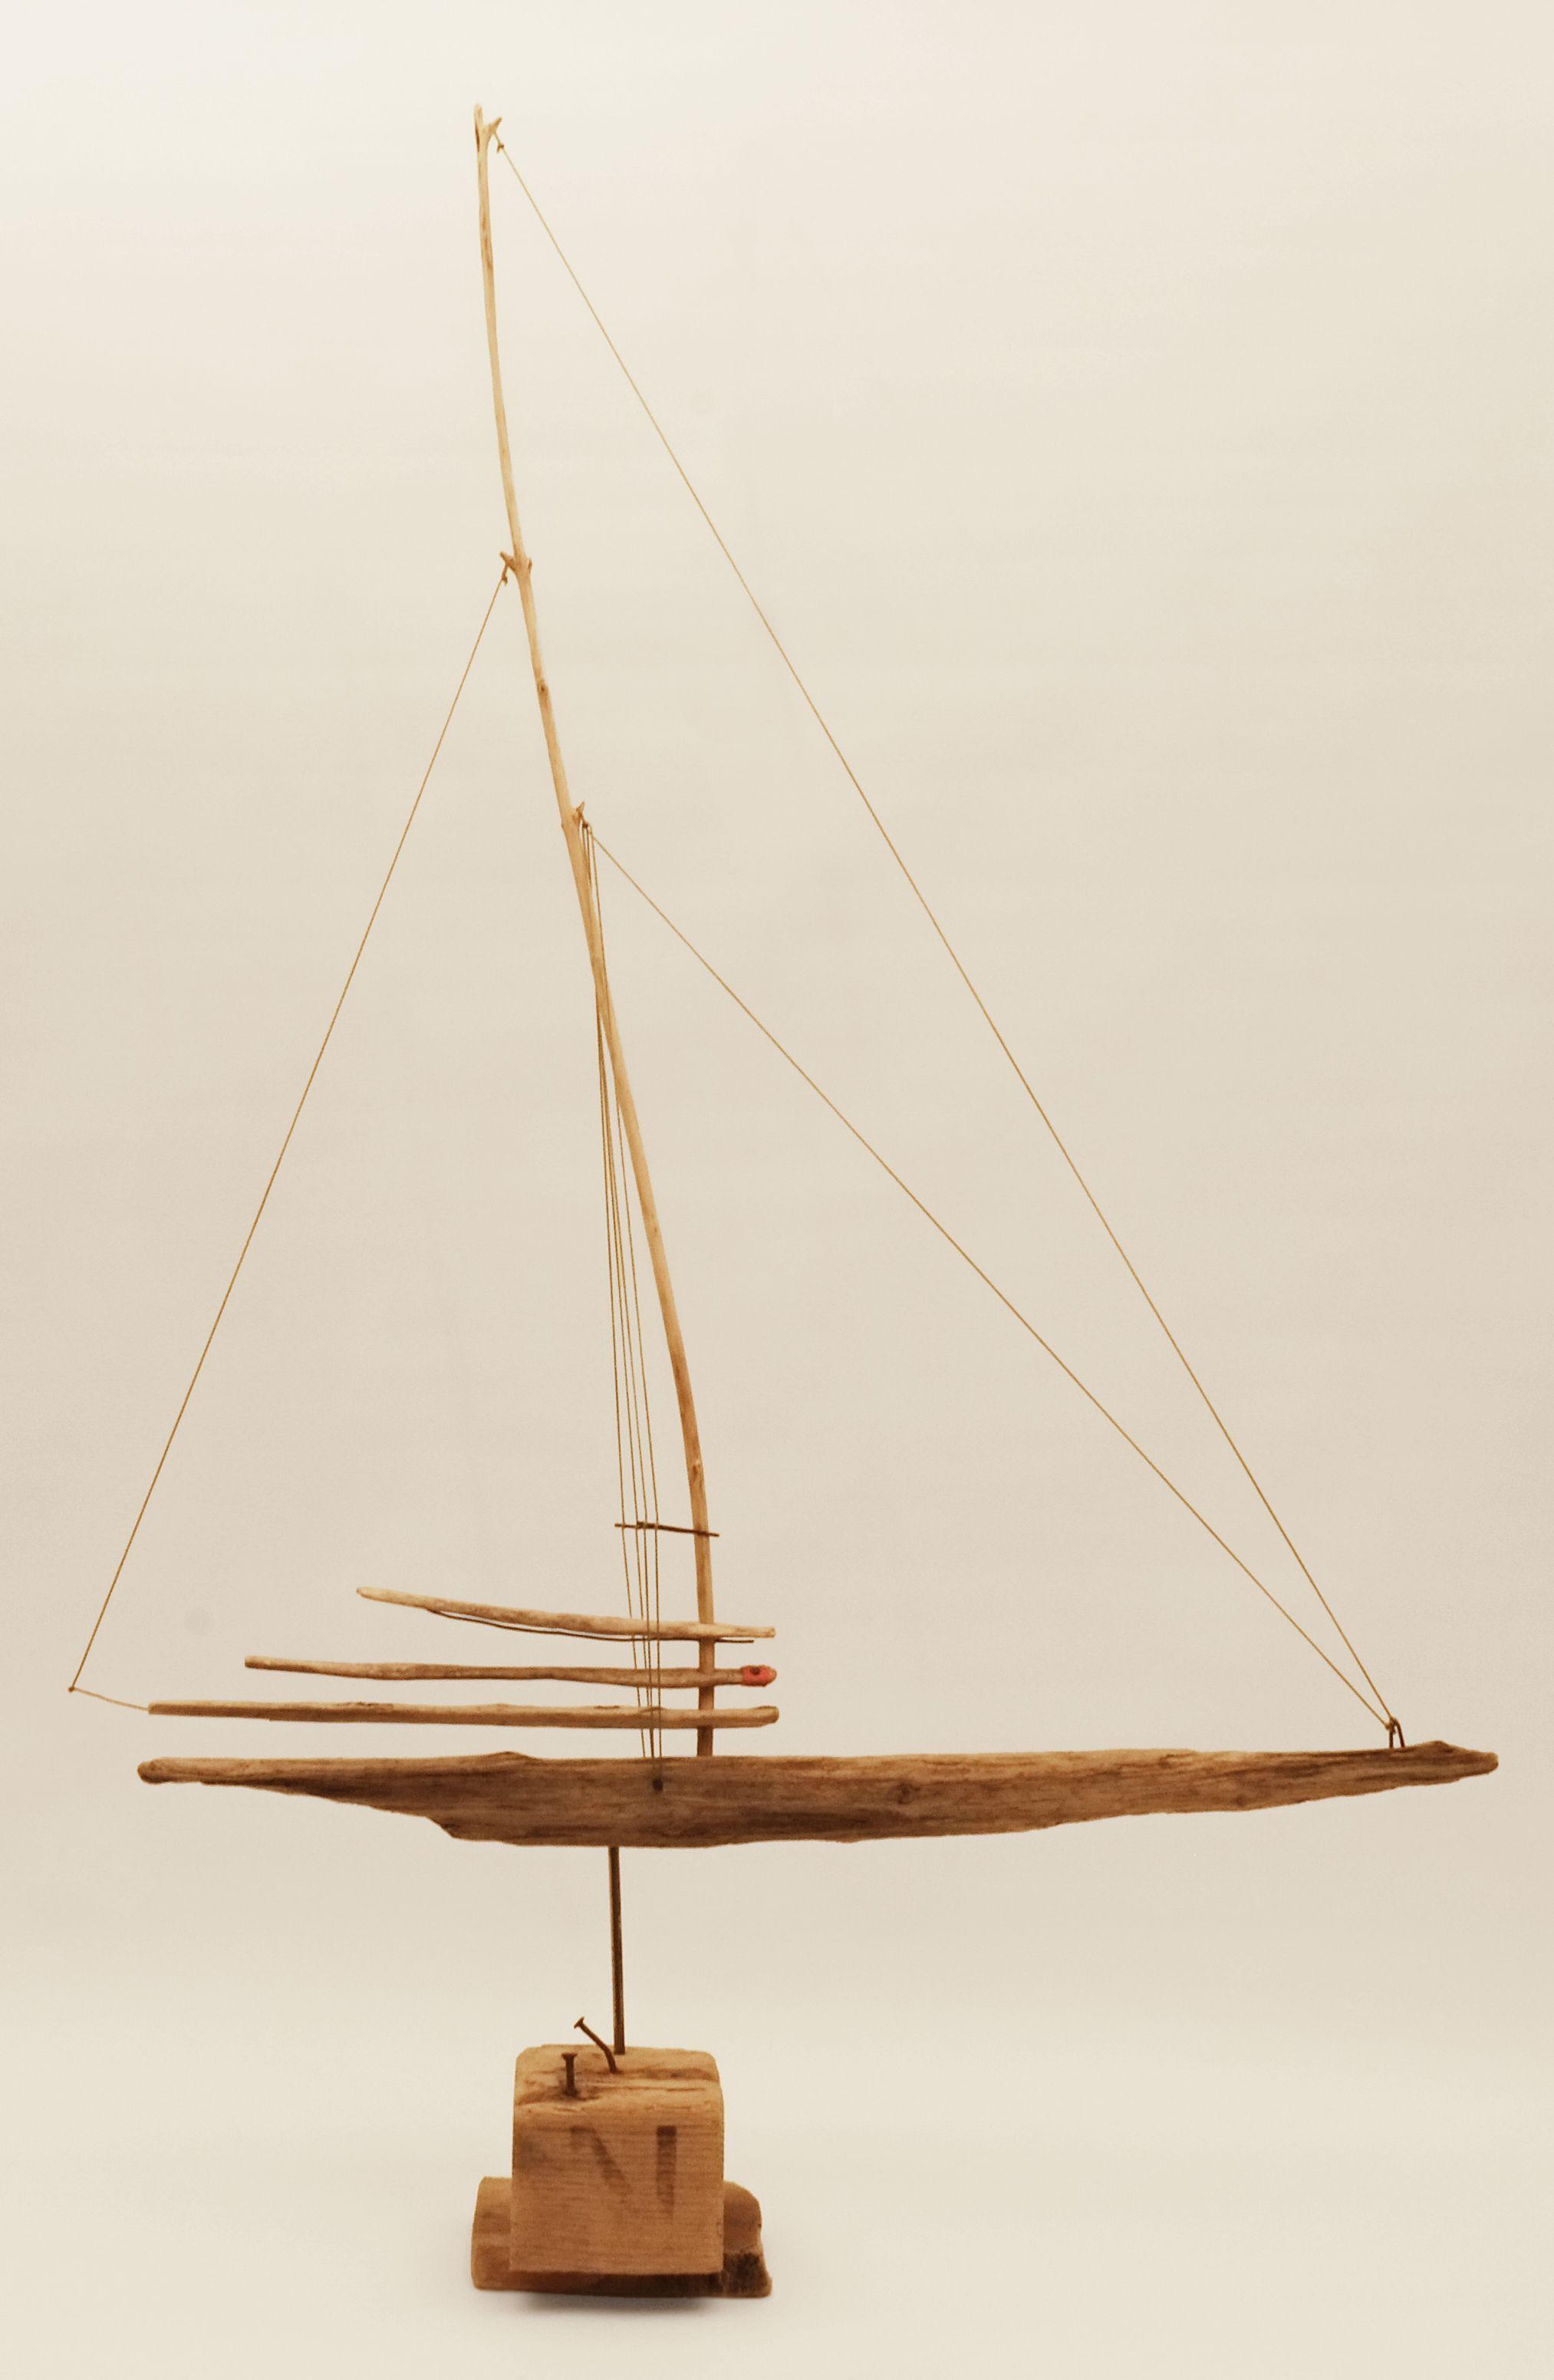 Art Sculpture Driftwood Bois Flotte Madera Mar 89hx65wx20 Cm